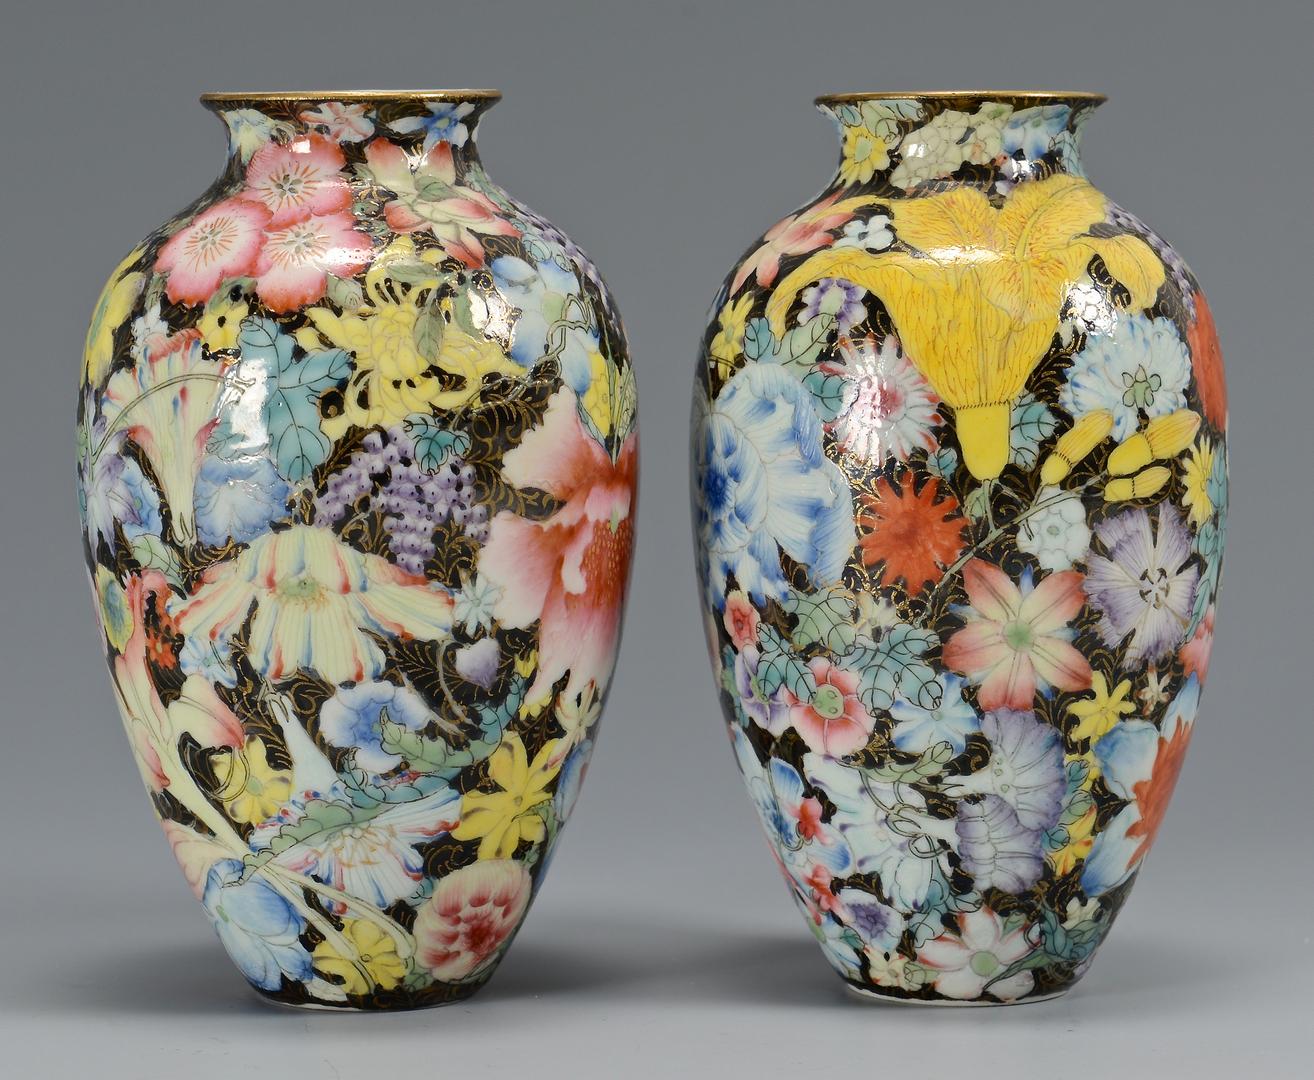 lot 366 pr chinese mille fleur miniature vases pr snuff bottles. Black Bedroom Furniture Sets. Home Design Ideas